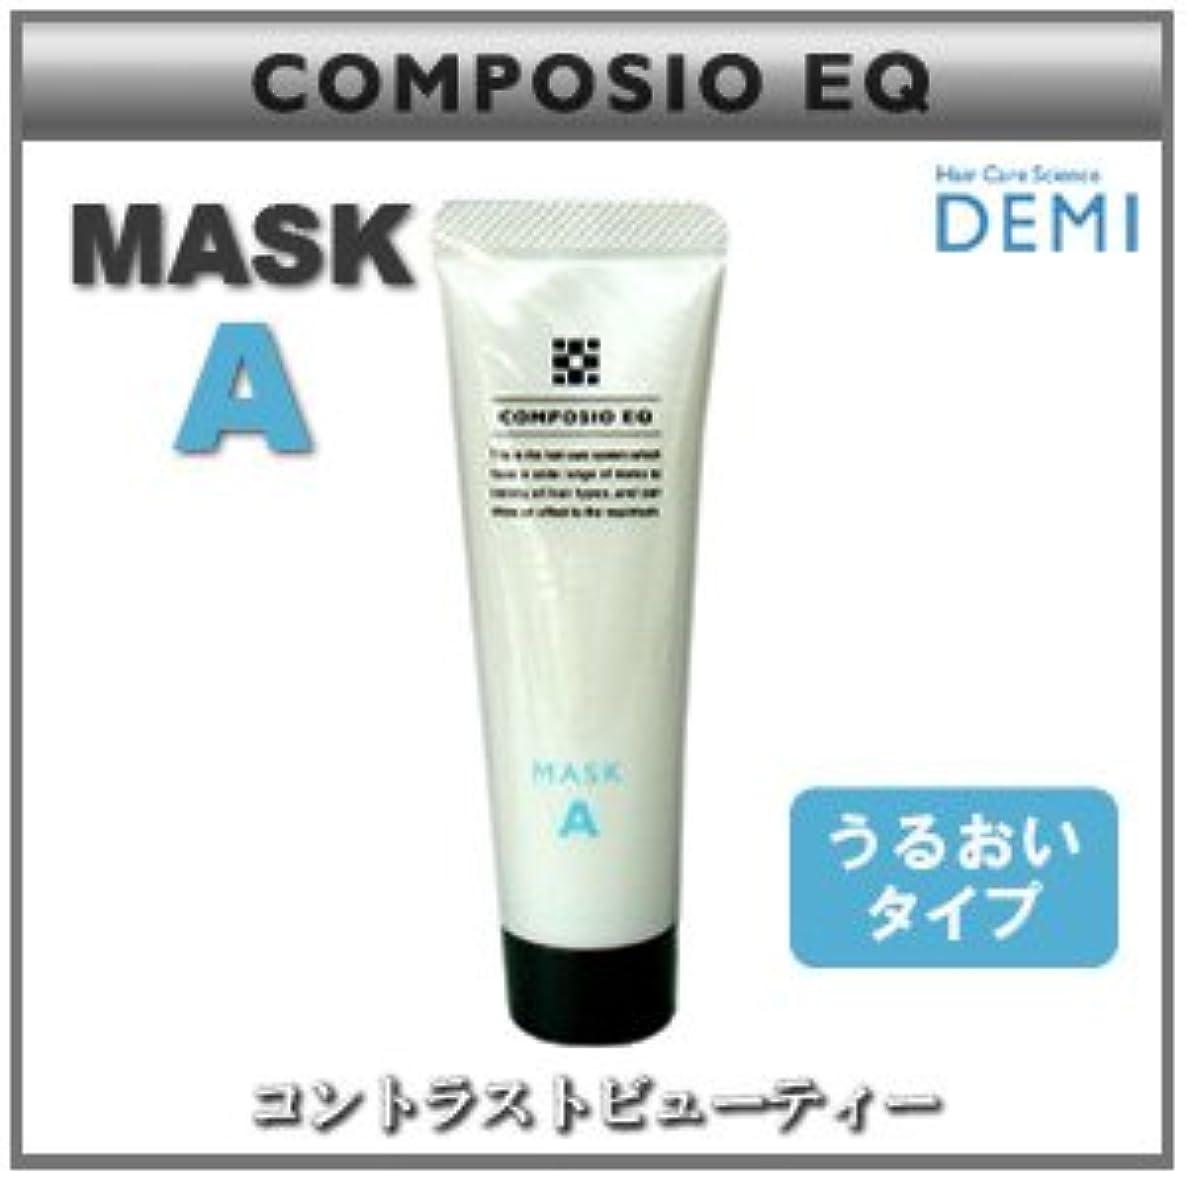 疎外する系譜ケーブルカー【X5個セット】 デミ コンポジオ EQ マスク A 50g